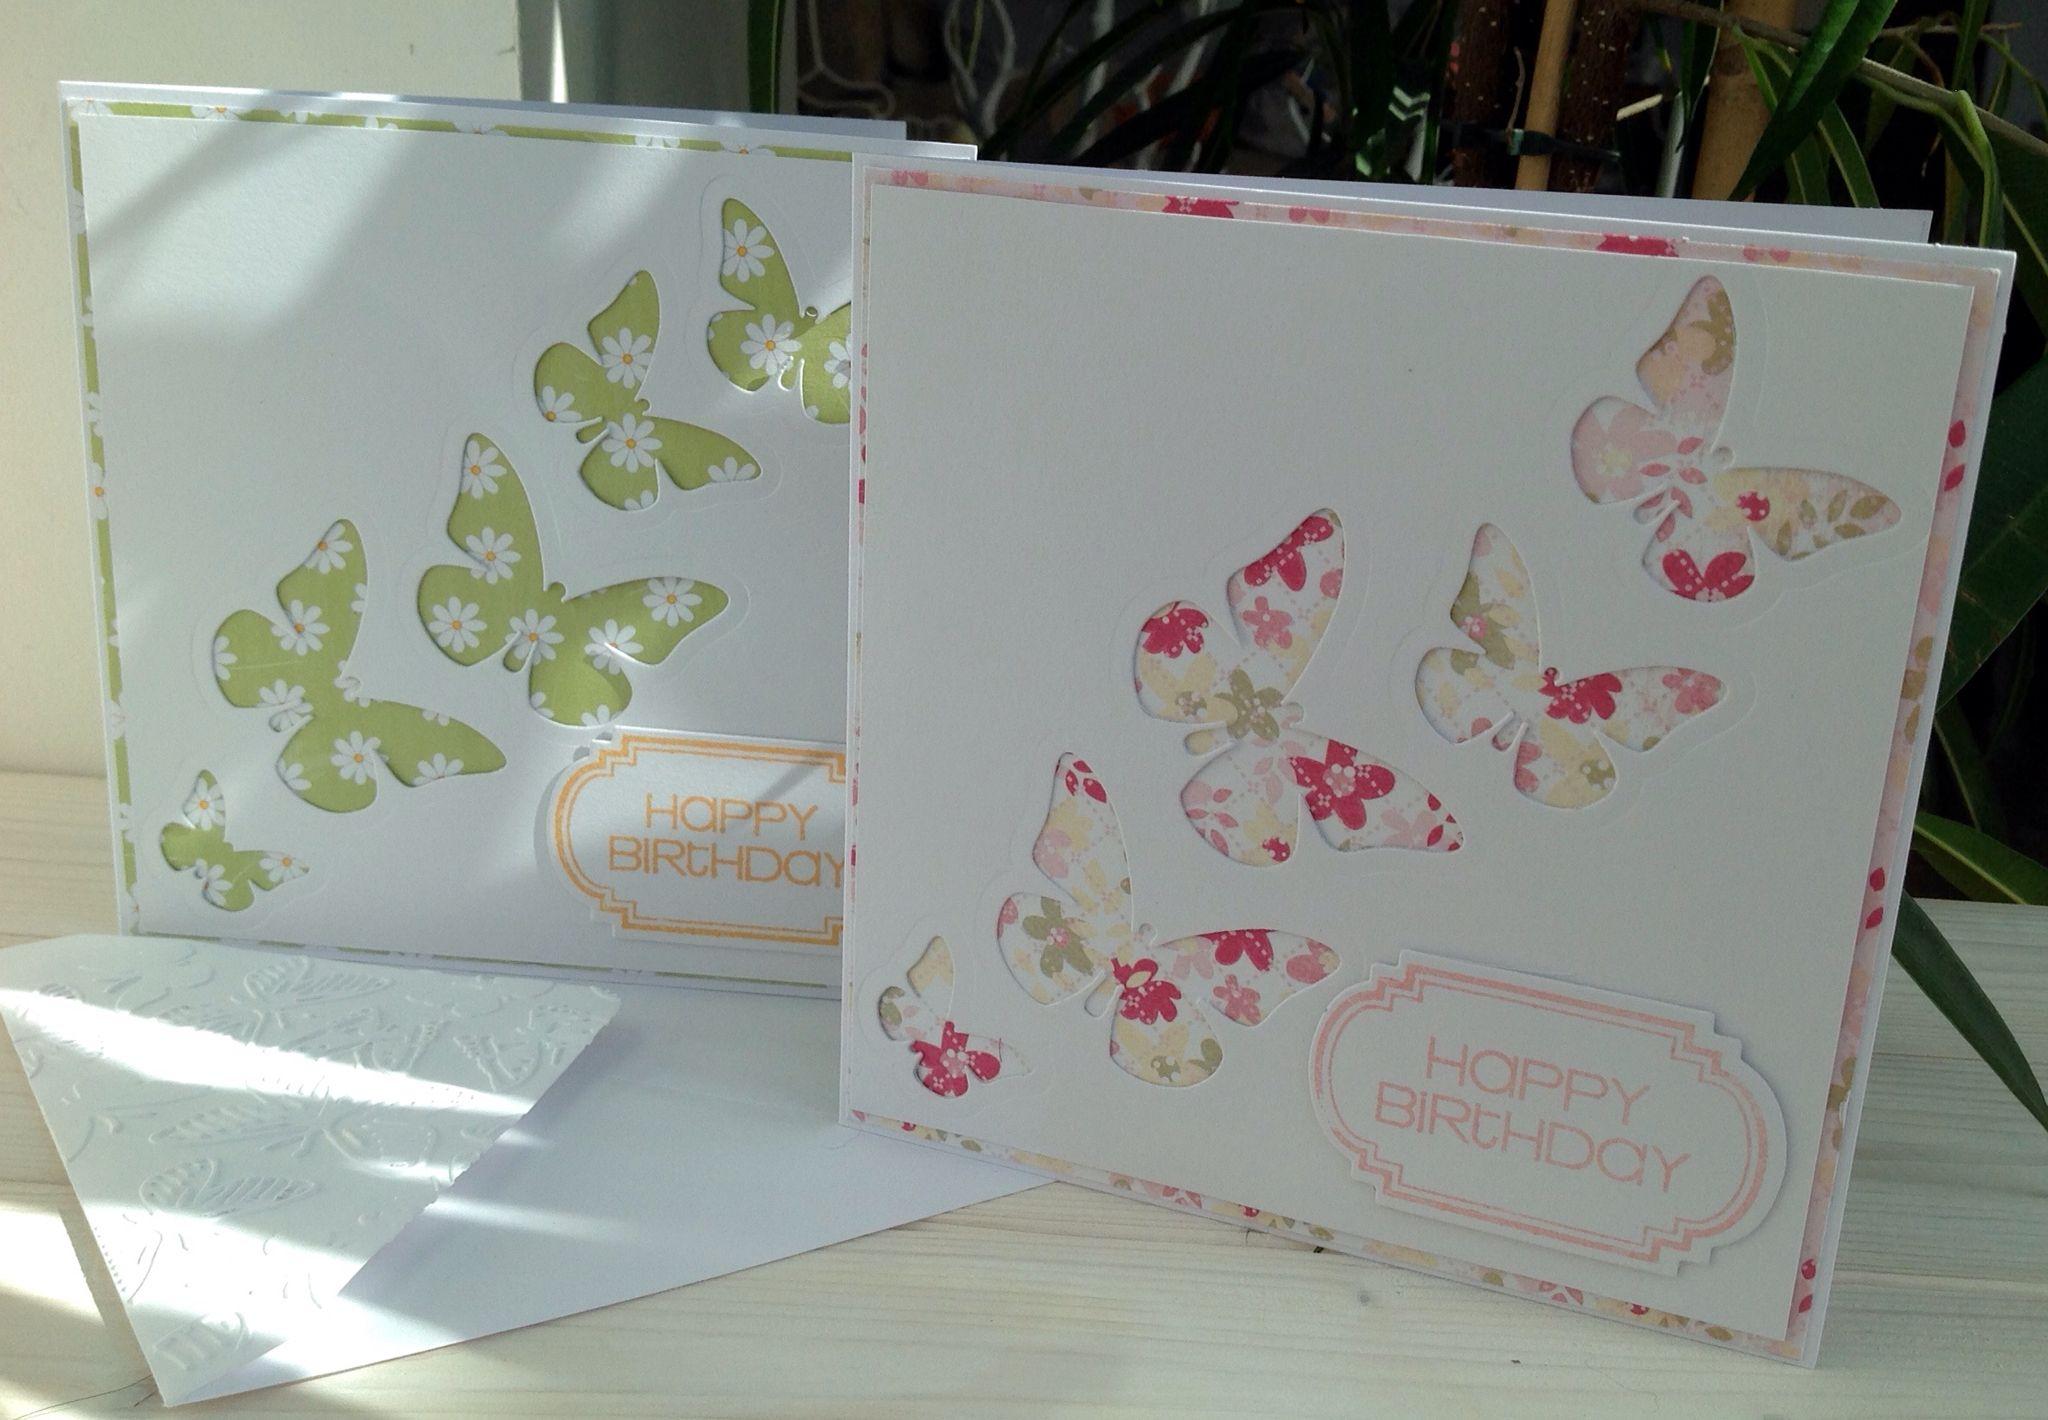 Butterfly cards. Happy Birthday. www.purplepawcrafts.com